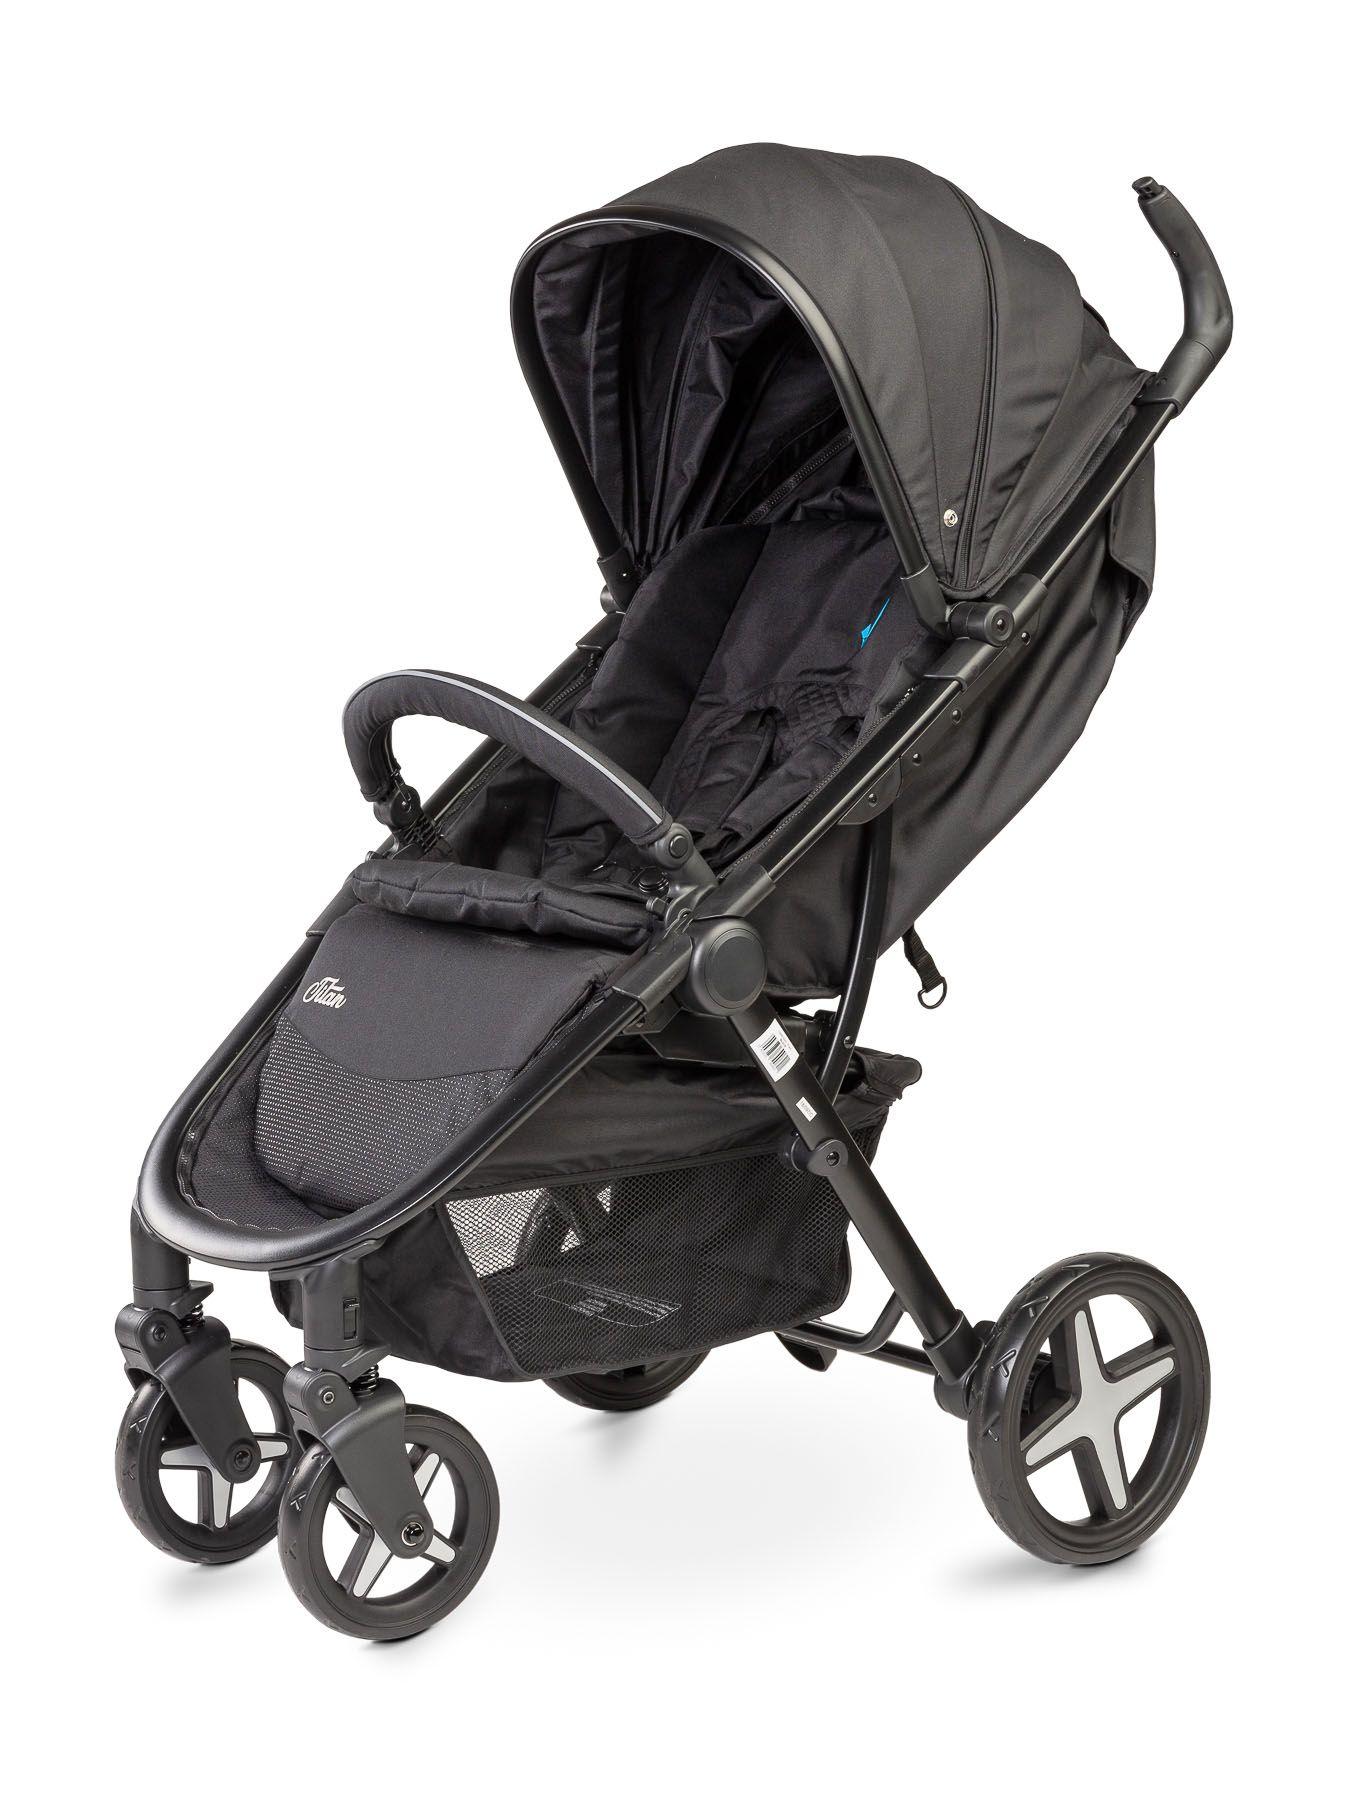 6 de de para de meses a silla niños paseo adecuada partir htsdBCQrxo